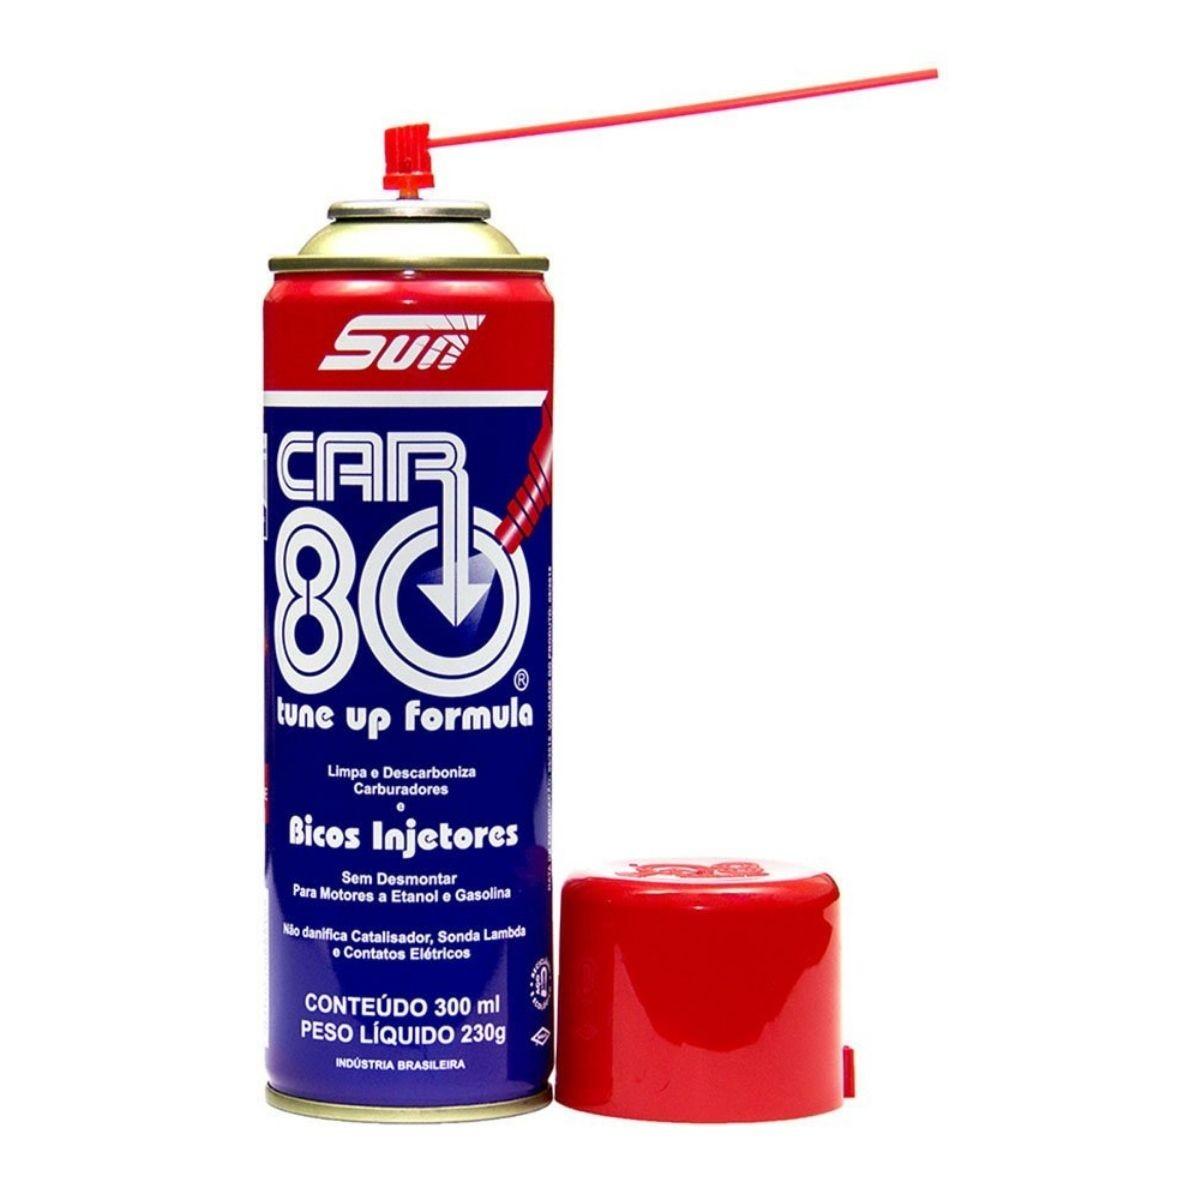 Descarbonizante Car80 Spray Limpa Bico e Carburadores